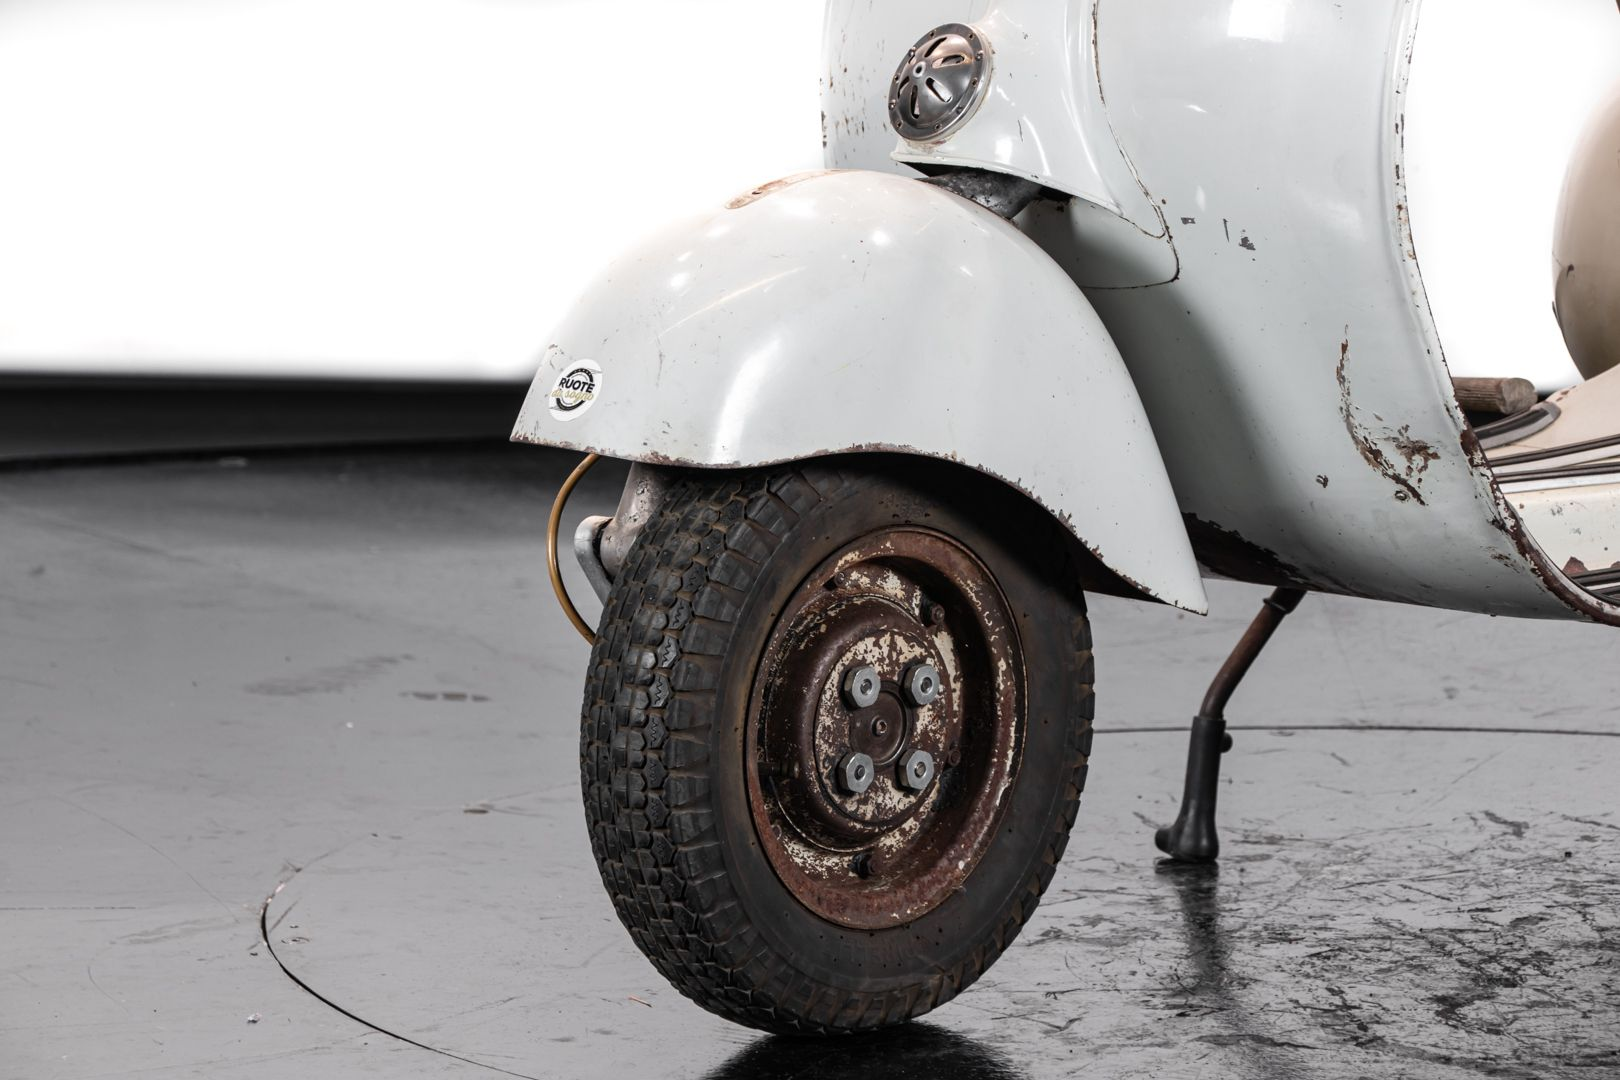 1956 Piaggio Vespa 150 VL3T 71446